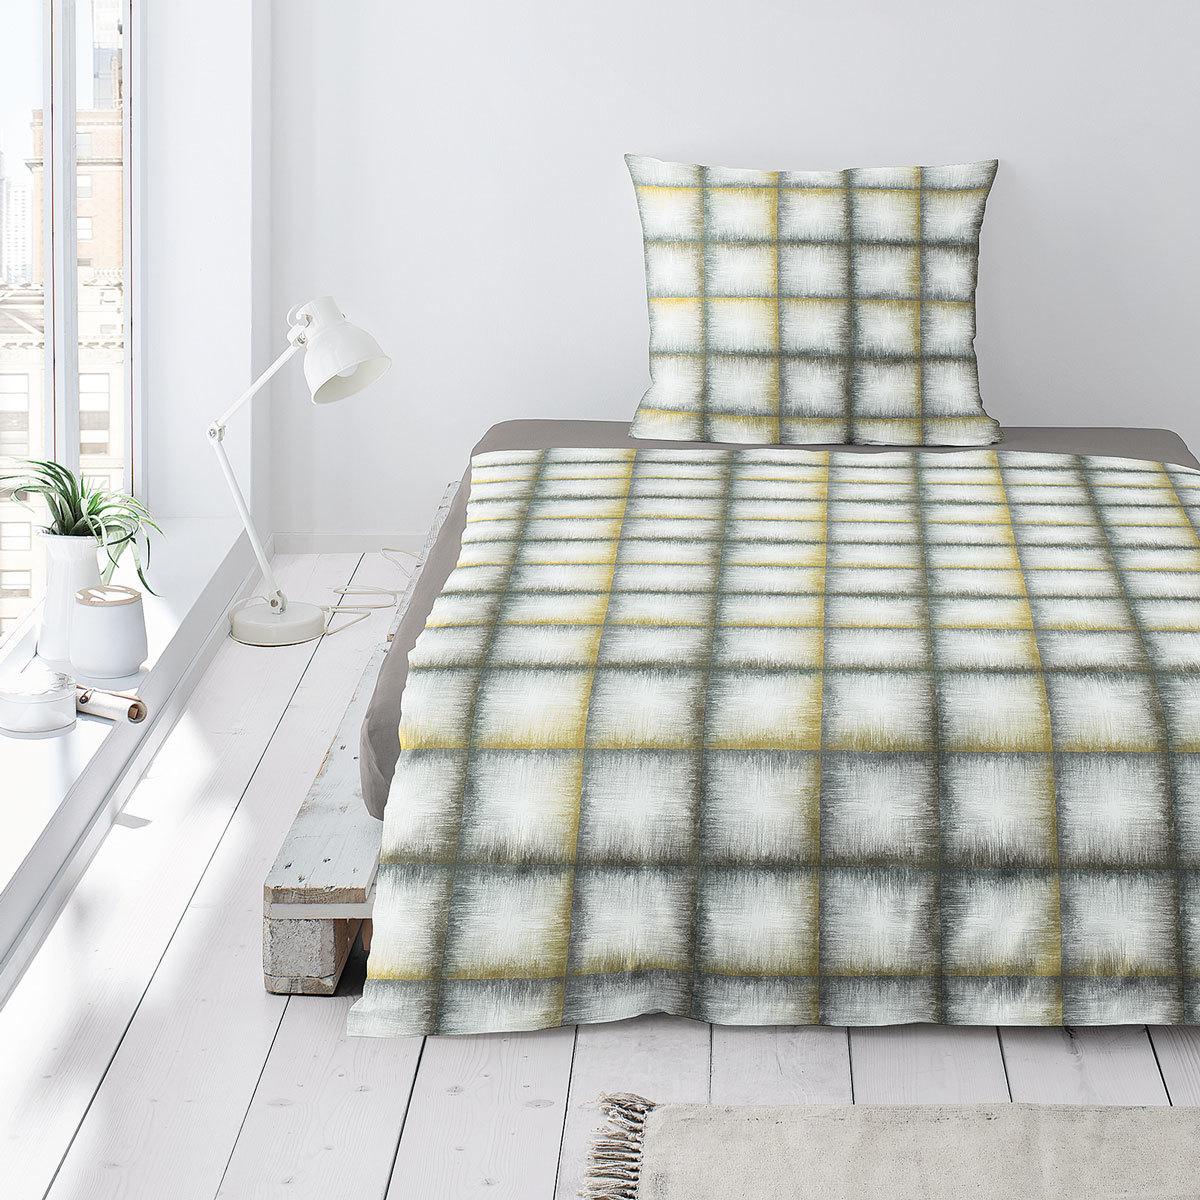 irisette jersey bettw sche luna 8036 30 g nstig online kaufen bei bettwaren shop. Black Bedroom Furniture Sets. Home Design Ideas